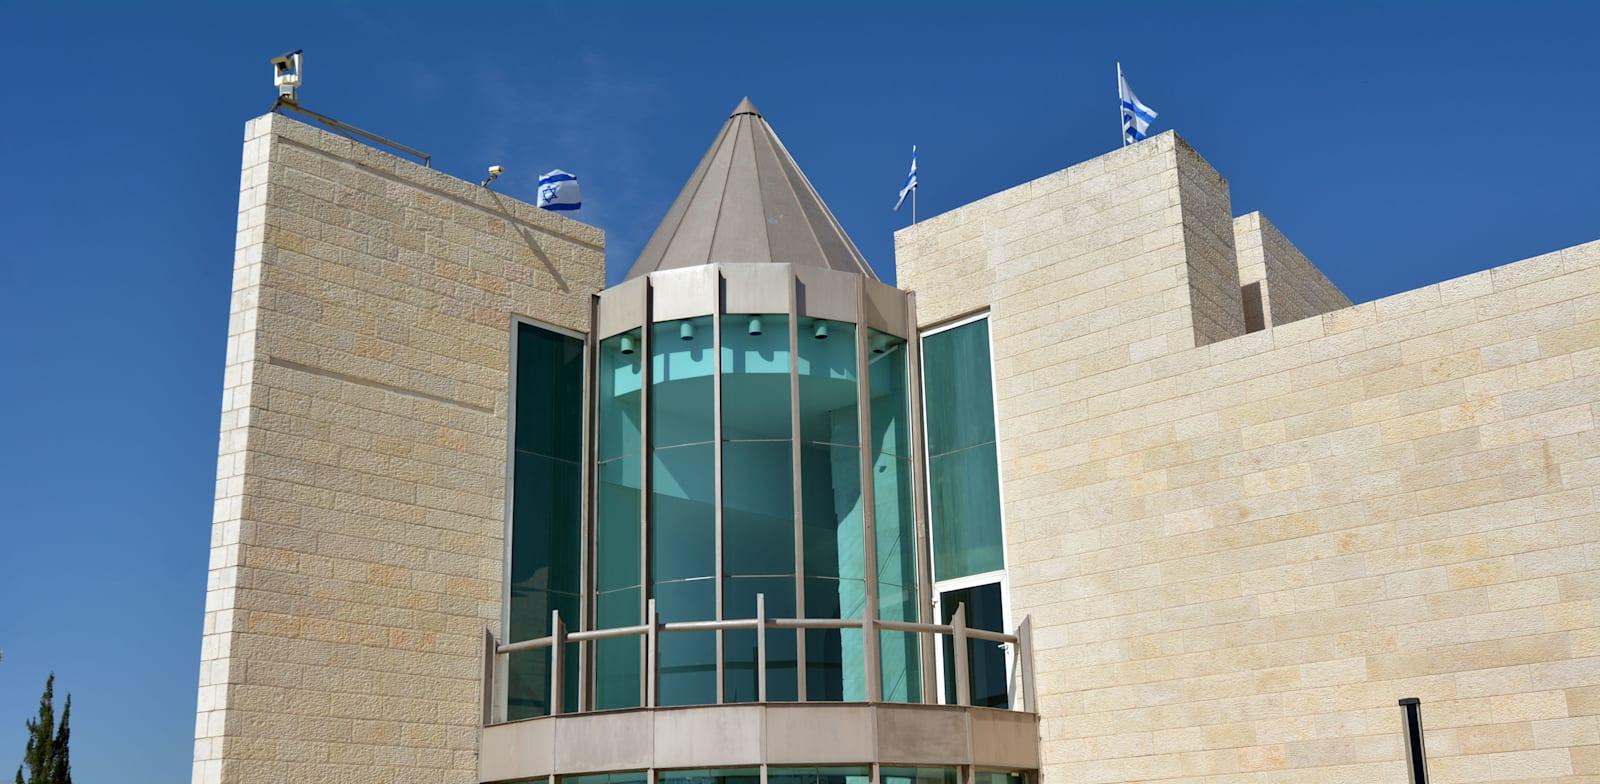 בניין בית המשפט העליון בירושלים / צילום: Shutterstock